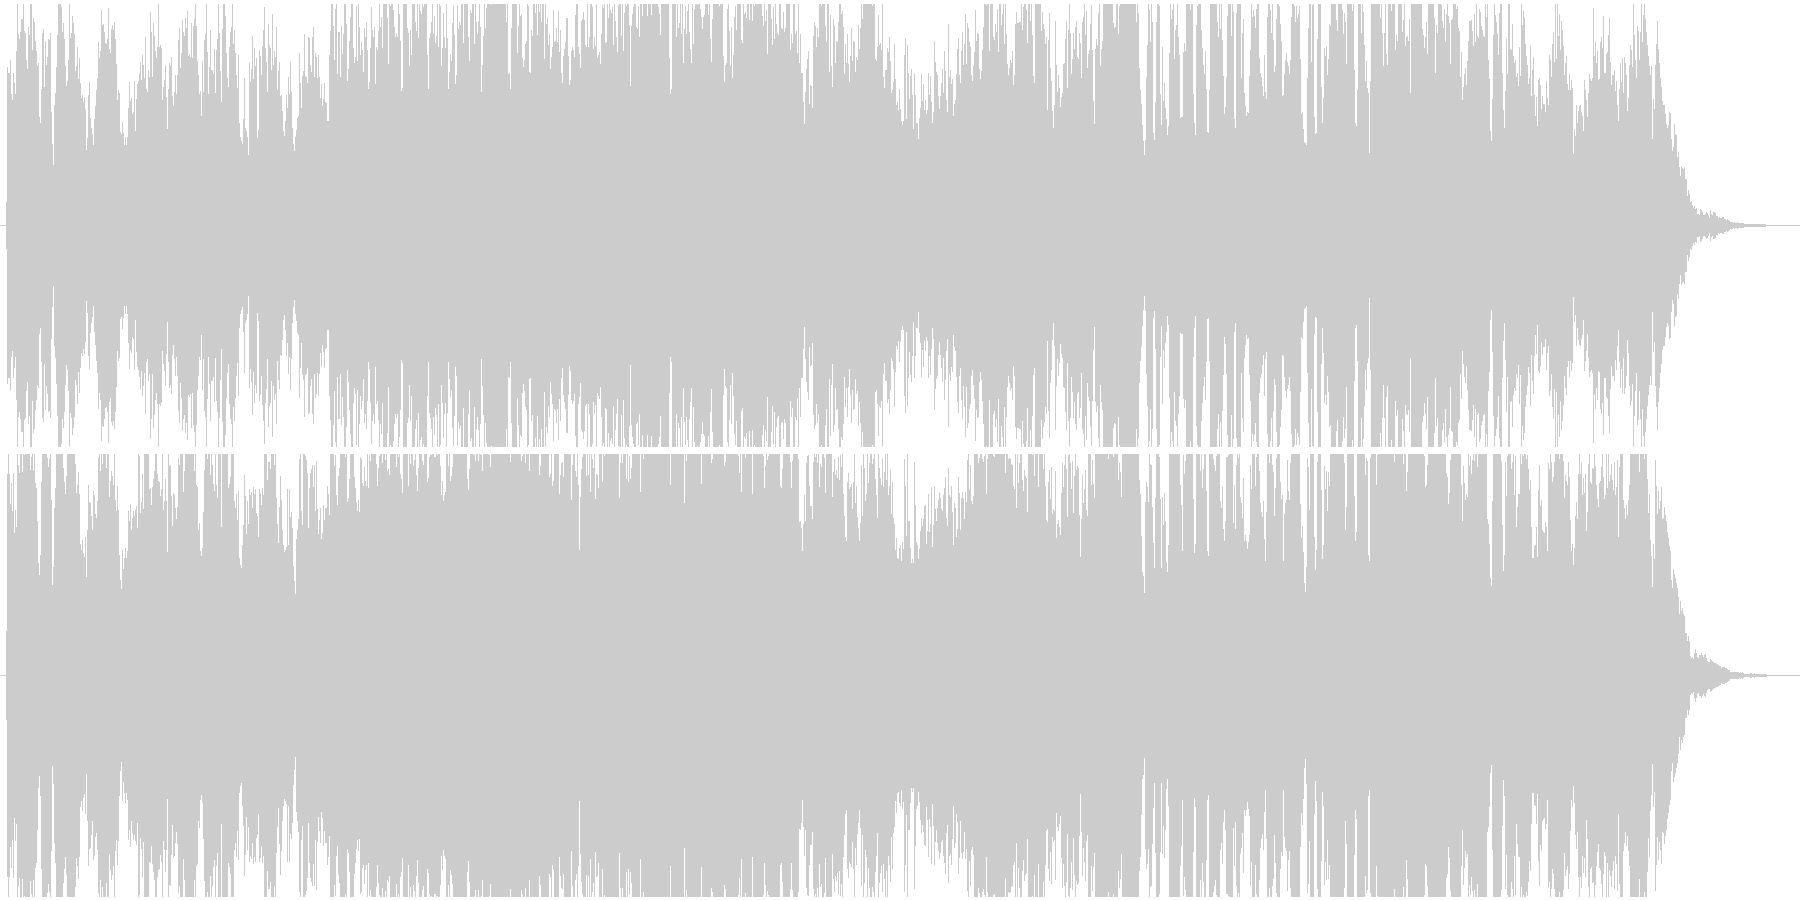 勇壮なオーケストラのダンジョン曲の未再生の波形